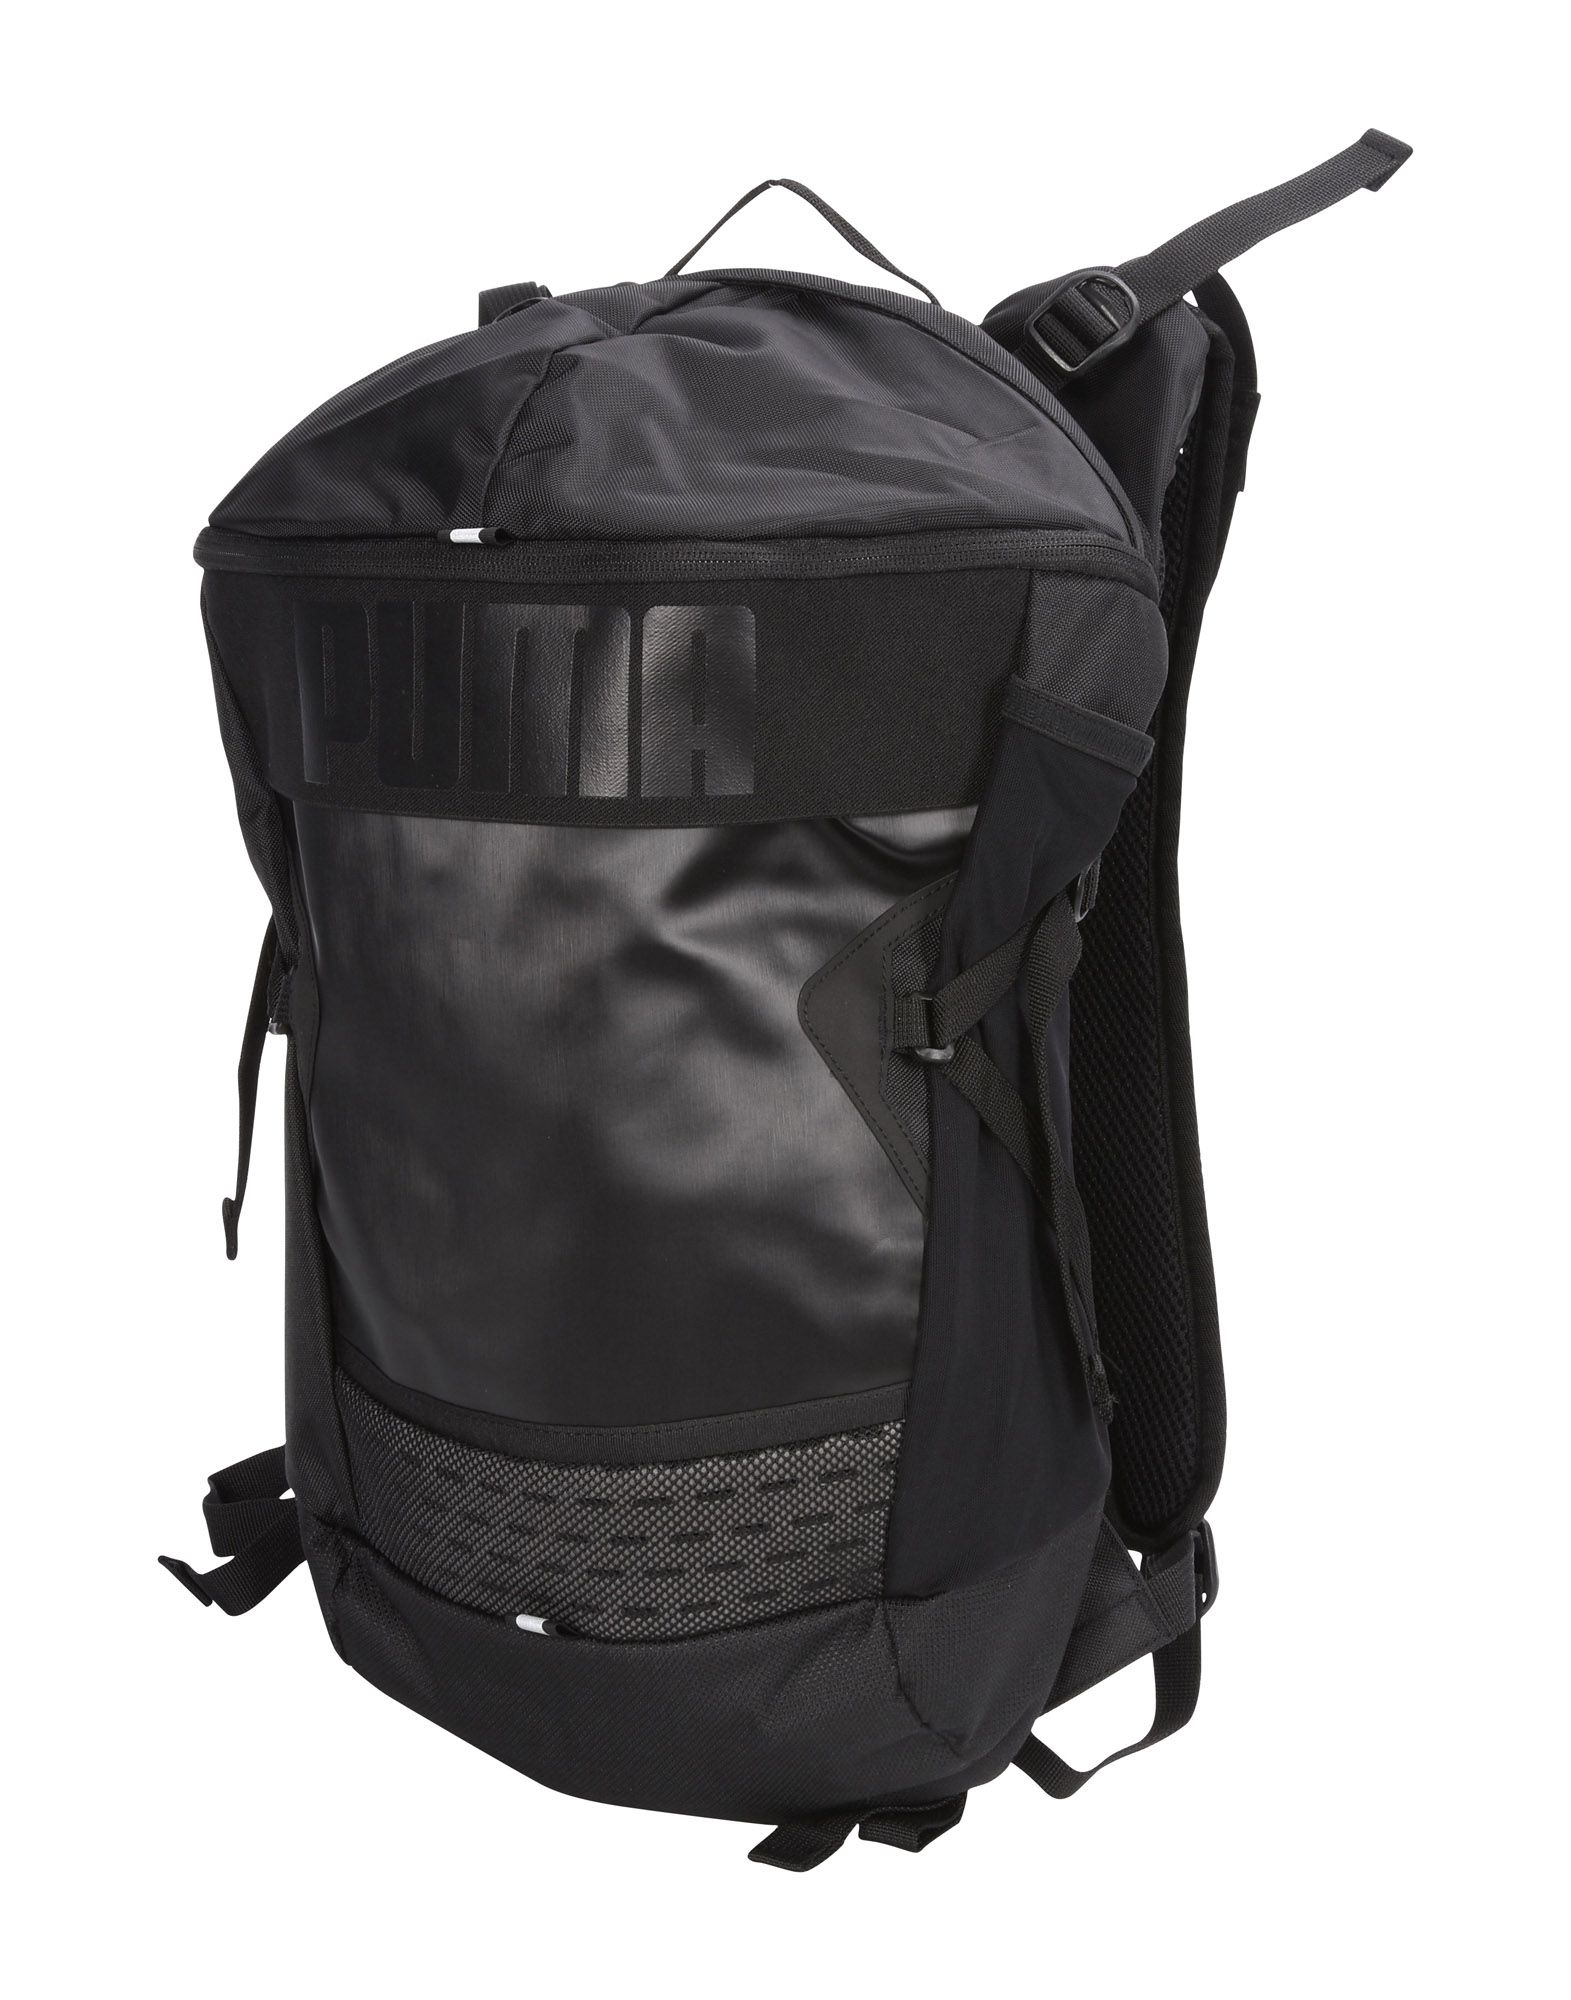 PUMA Рюкзаки и сумки на пояс рюкзаки puma рюкзак rbr lifestyle backpack